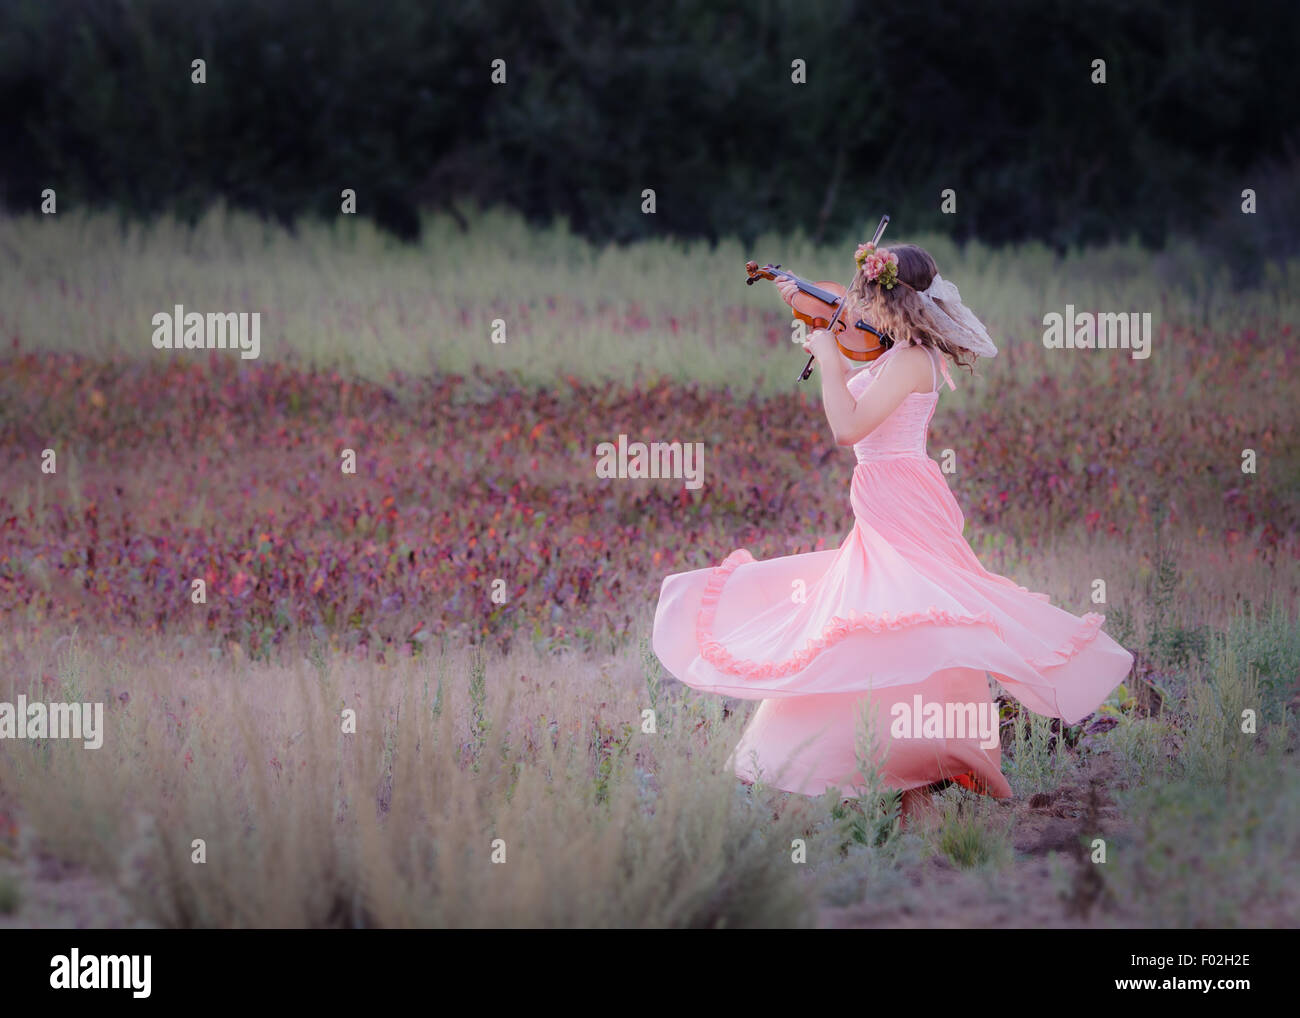 Chica bailando en un campo mientras juega un violín Imagen De Stock